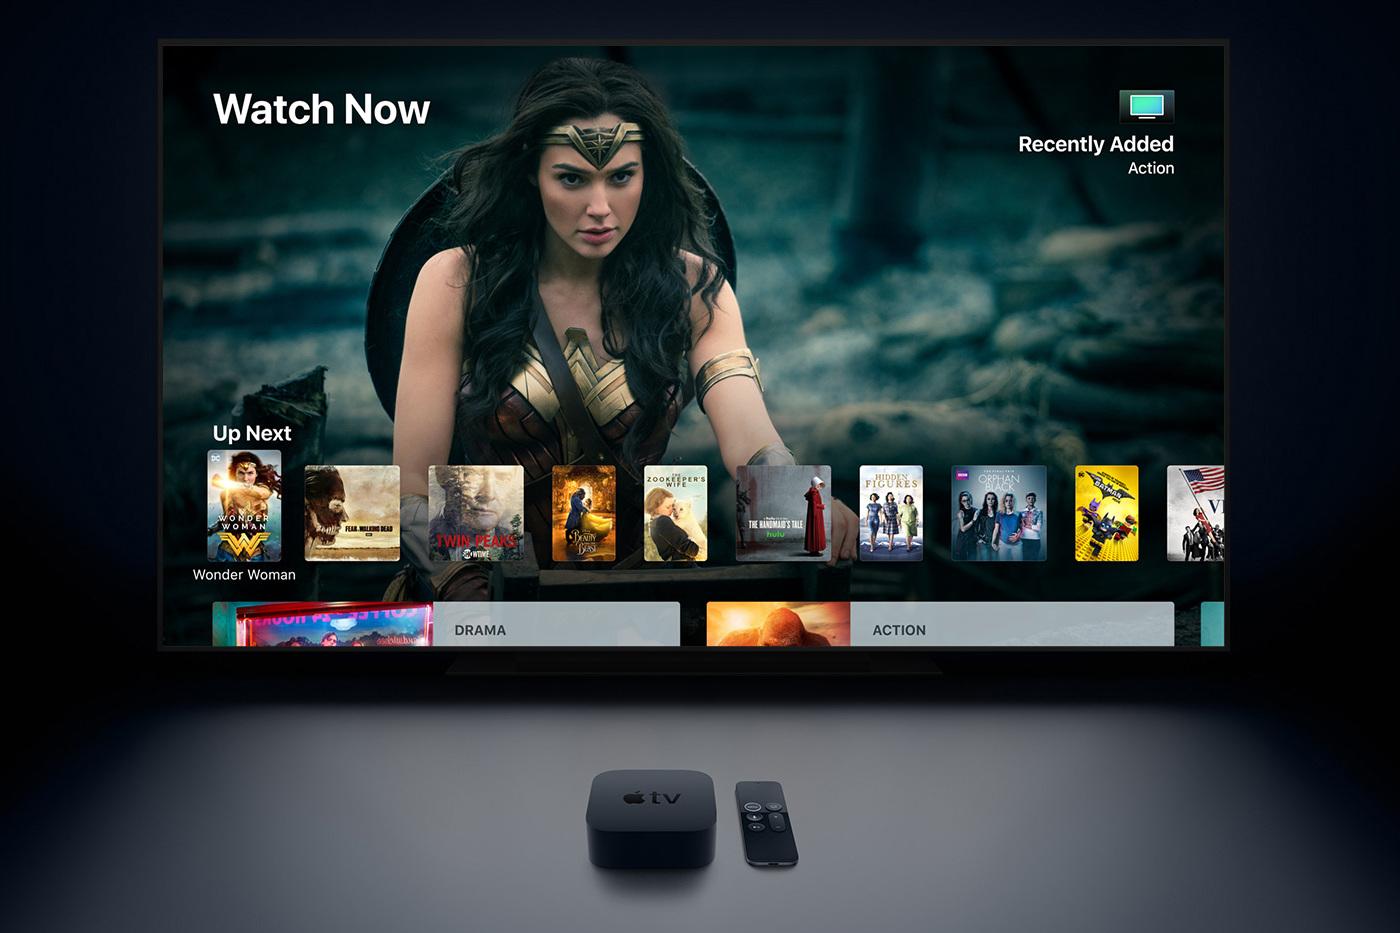 Apple может выпустить пообразу иподобию Chromecast для стриминга своего контента